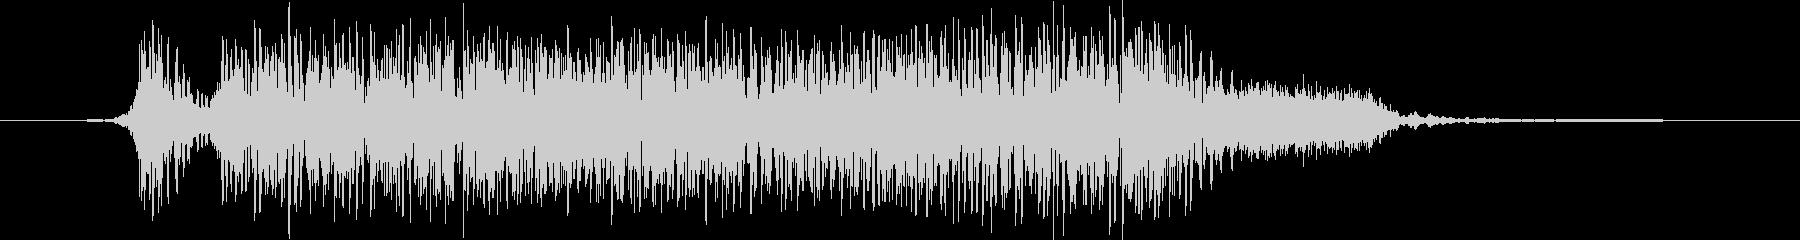 火炎放射器 ミディアムヘビーシングル01の未再生の波形